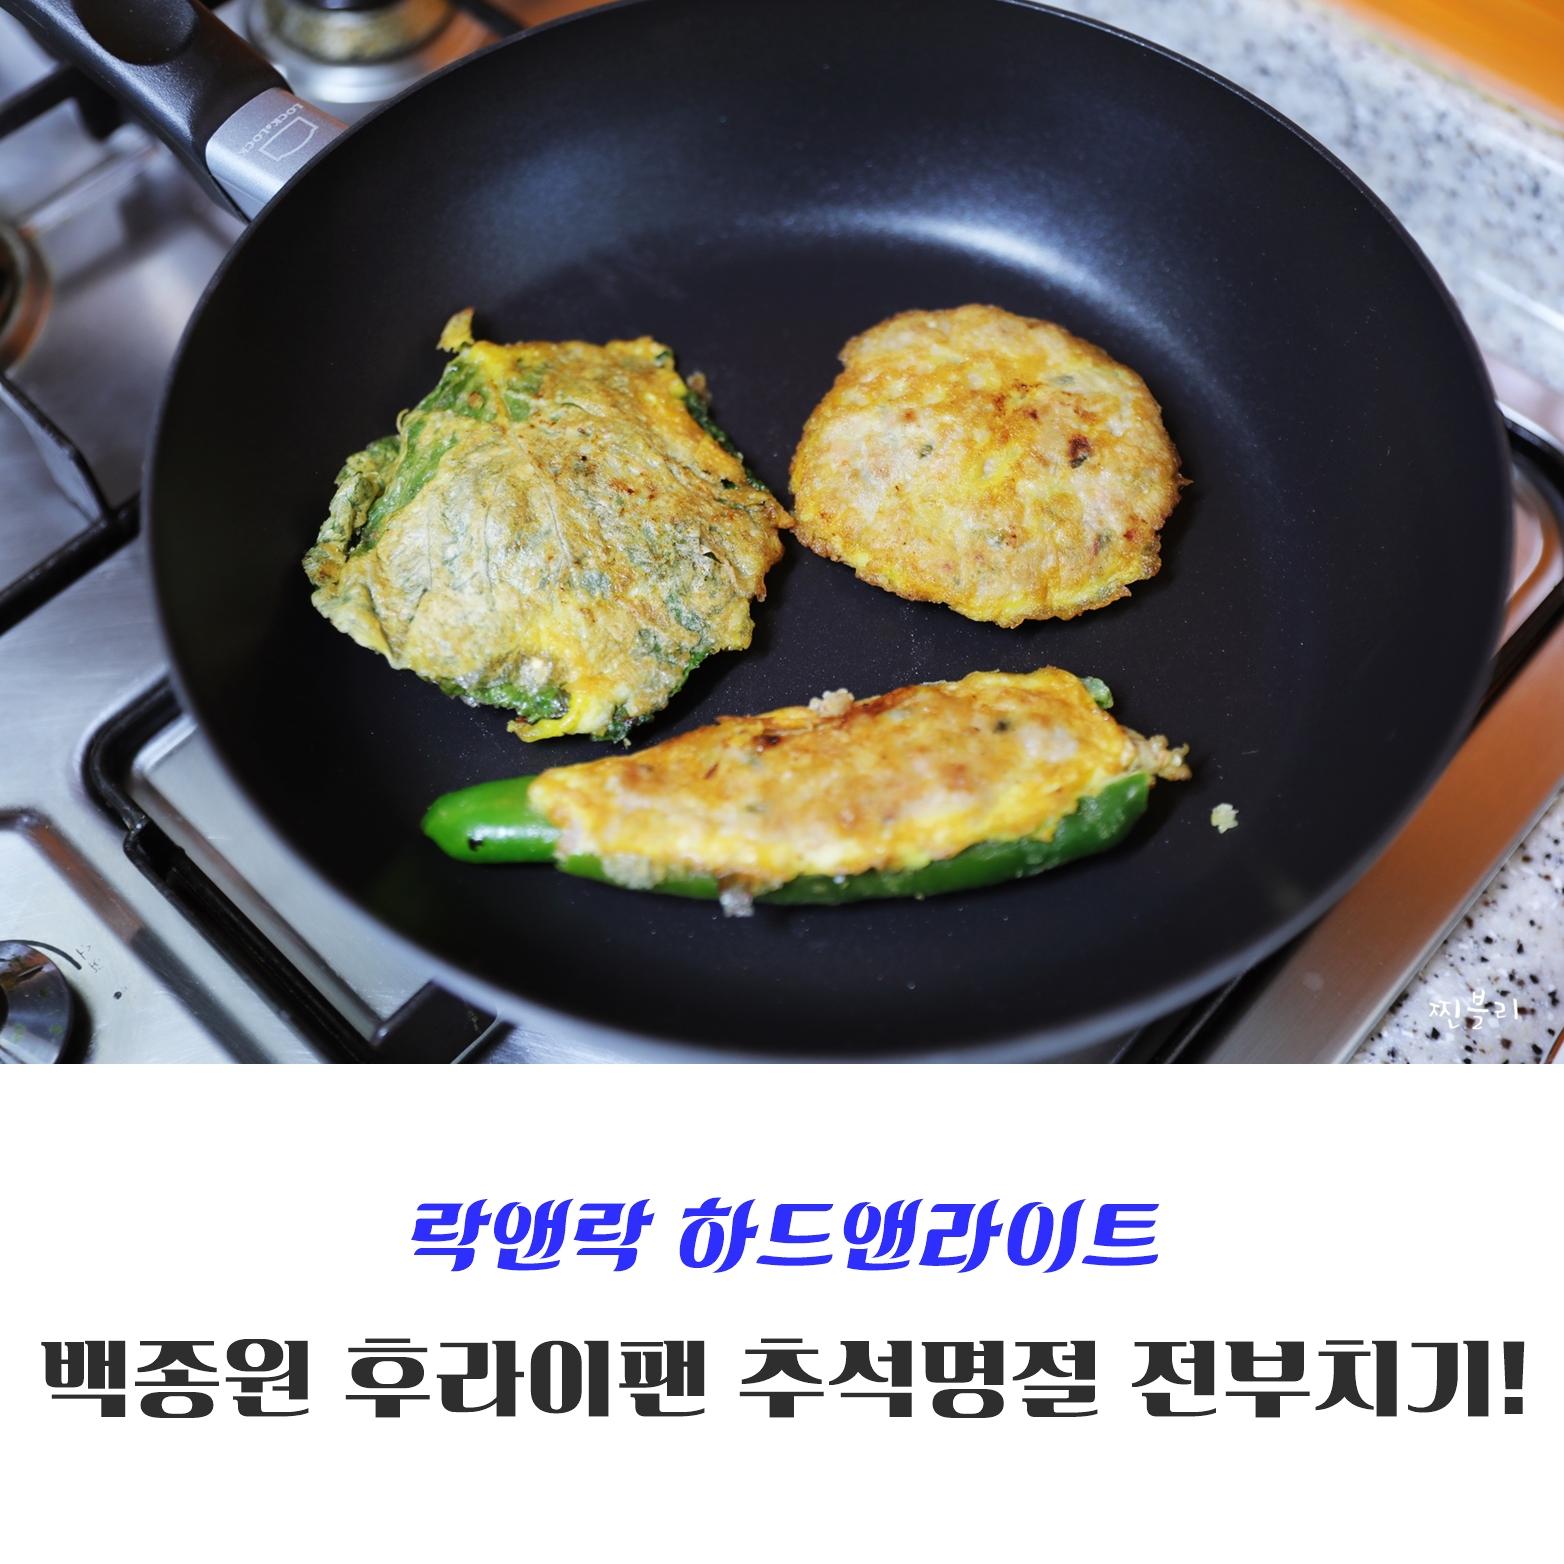 백종원 후라이팬 하드앤라이트로 추석명절 전부치기!